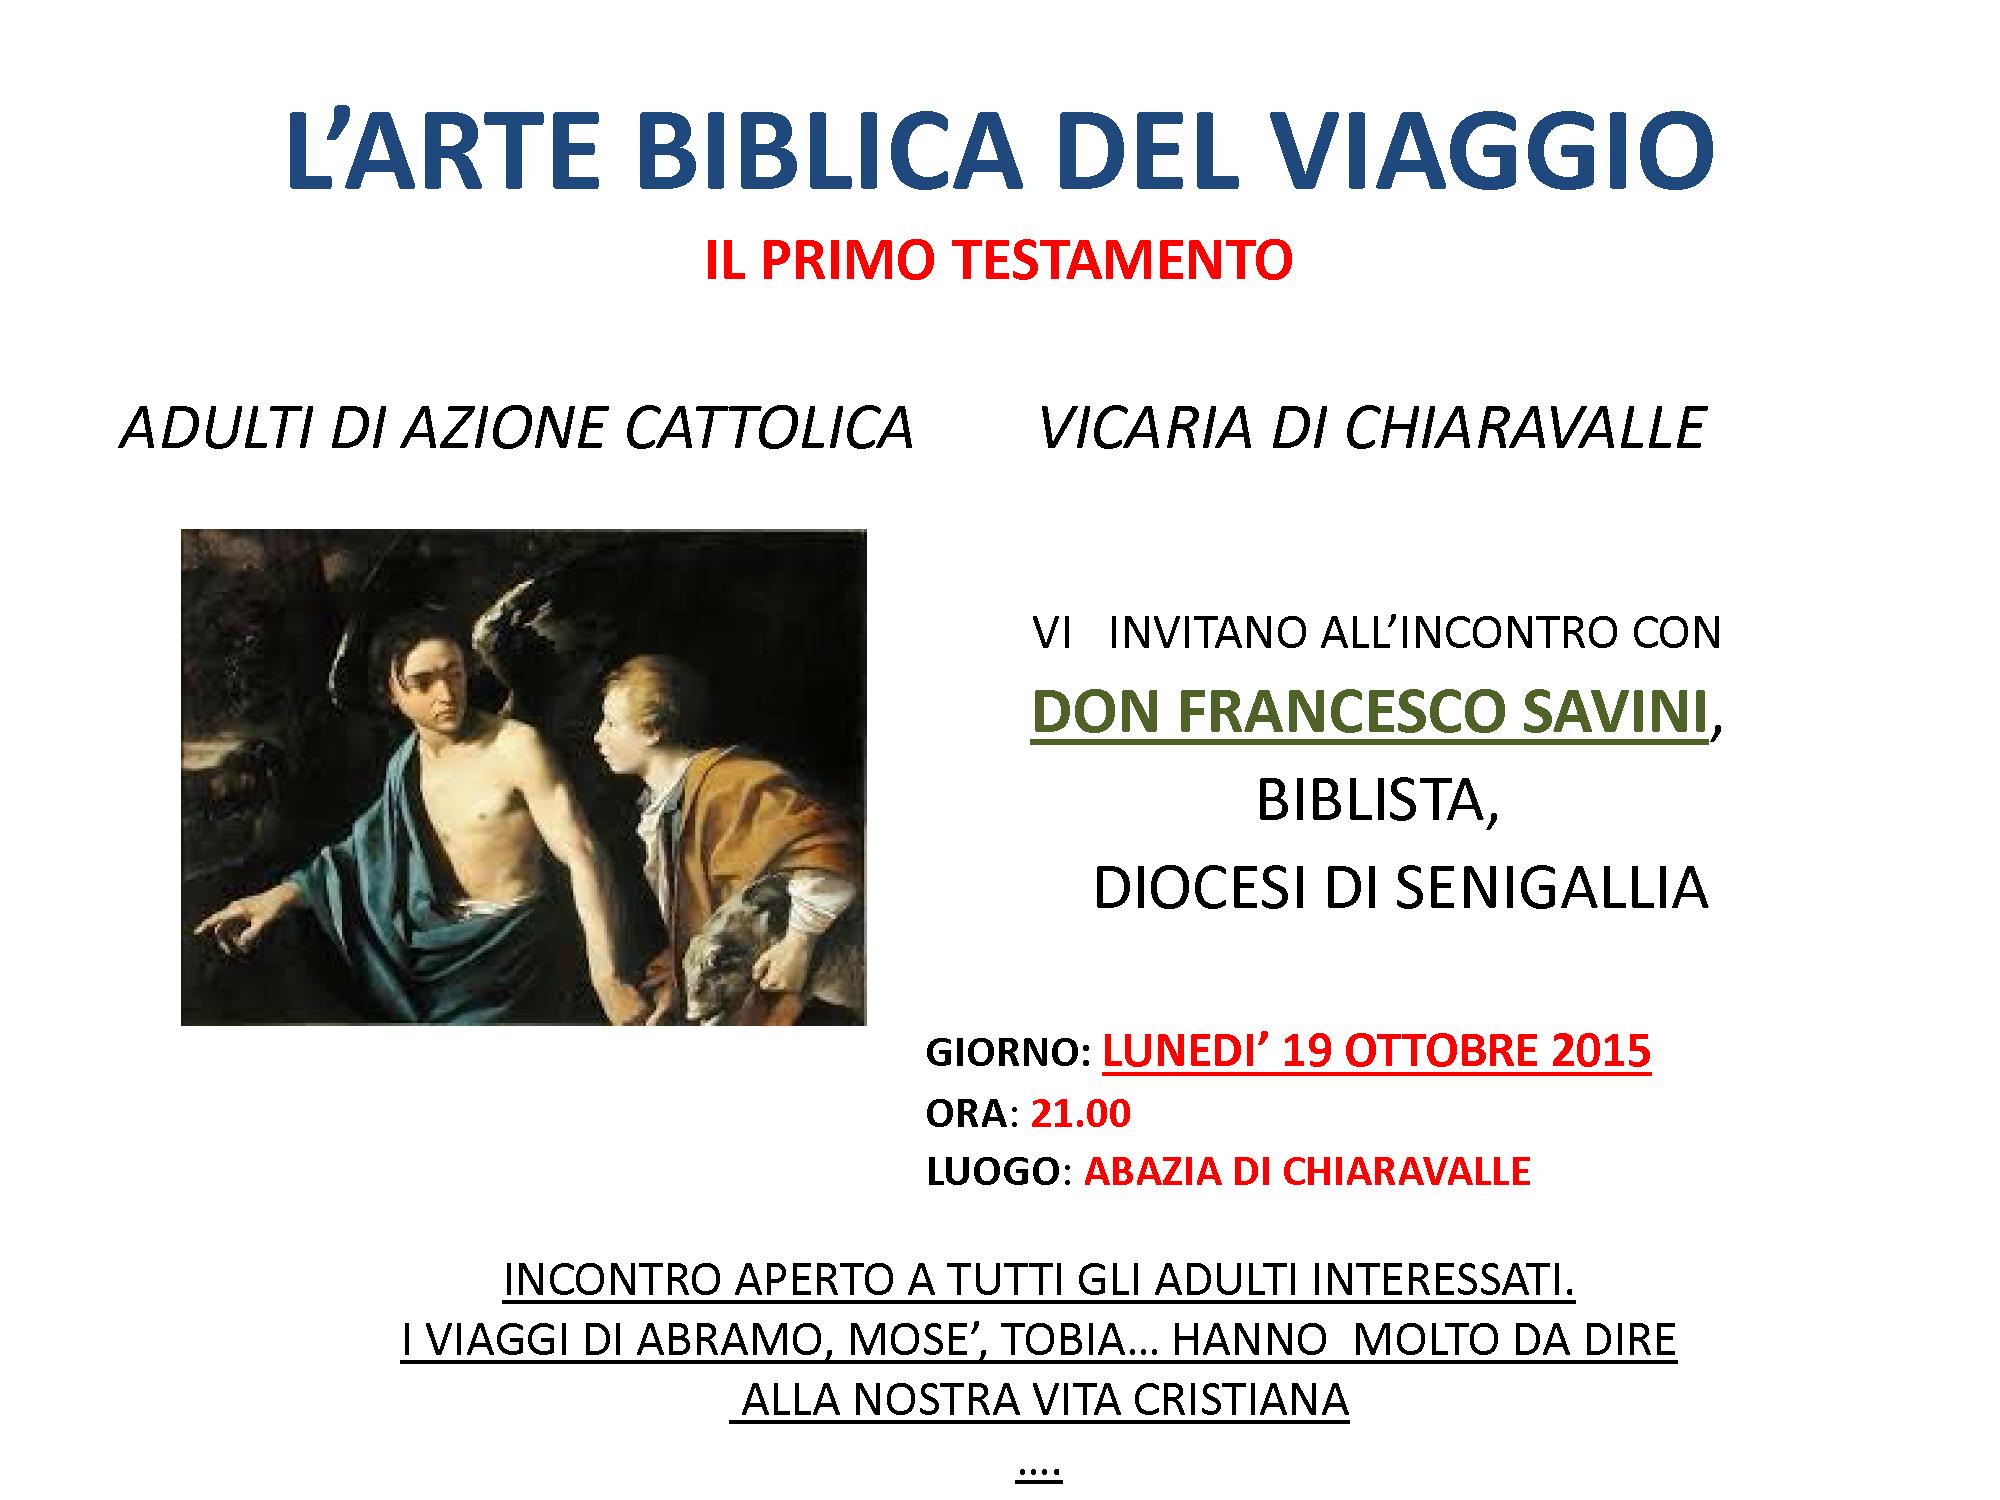 Arte biblica del viaggio